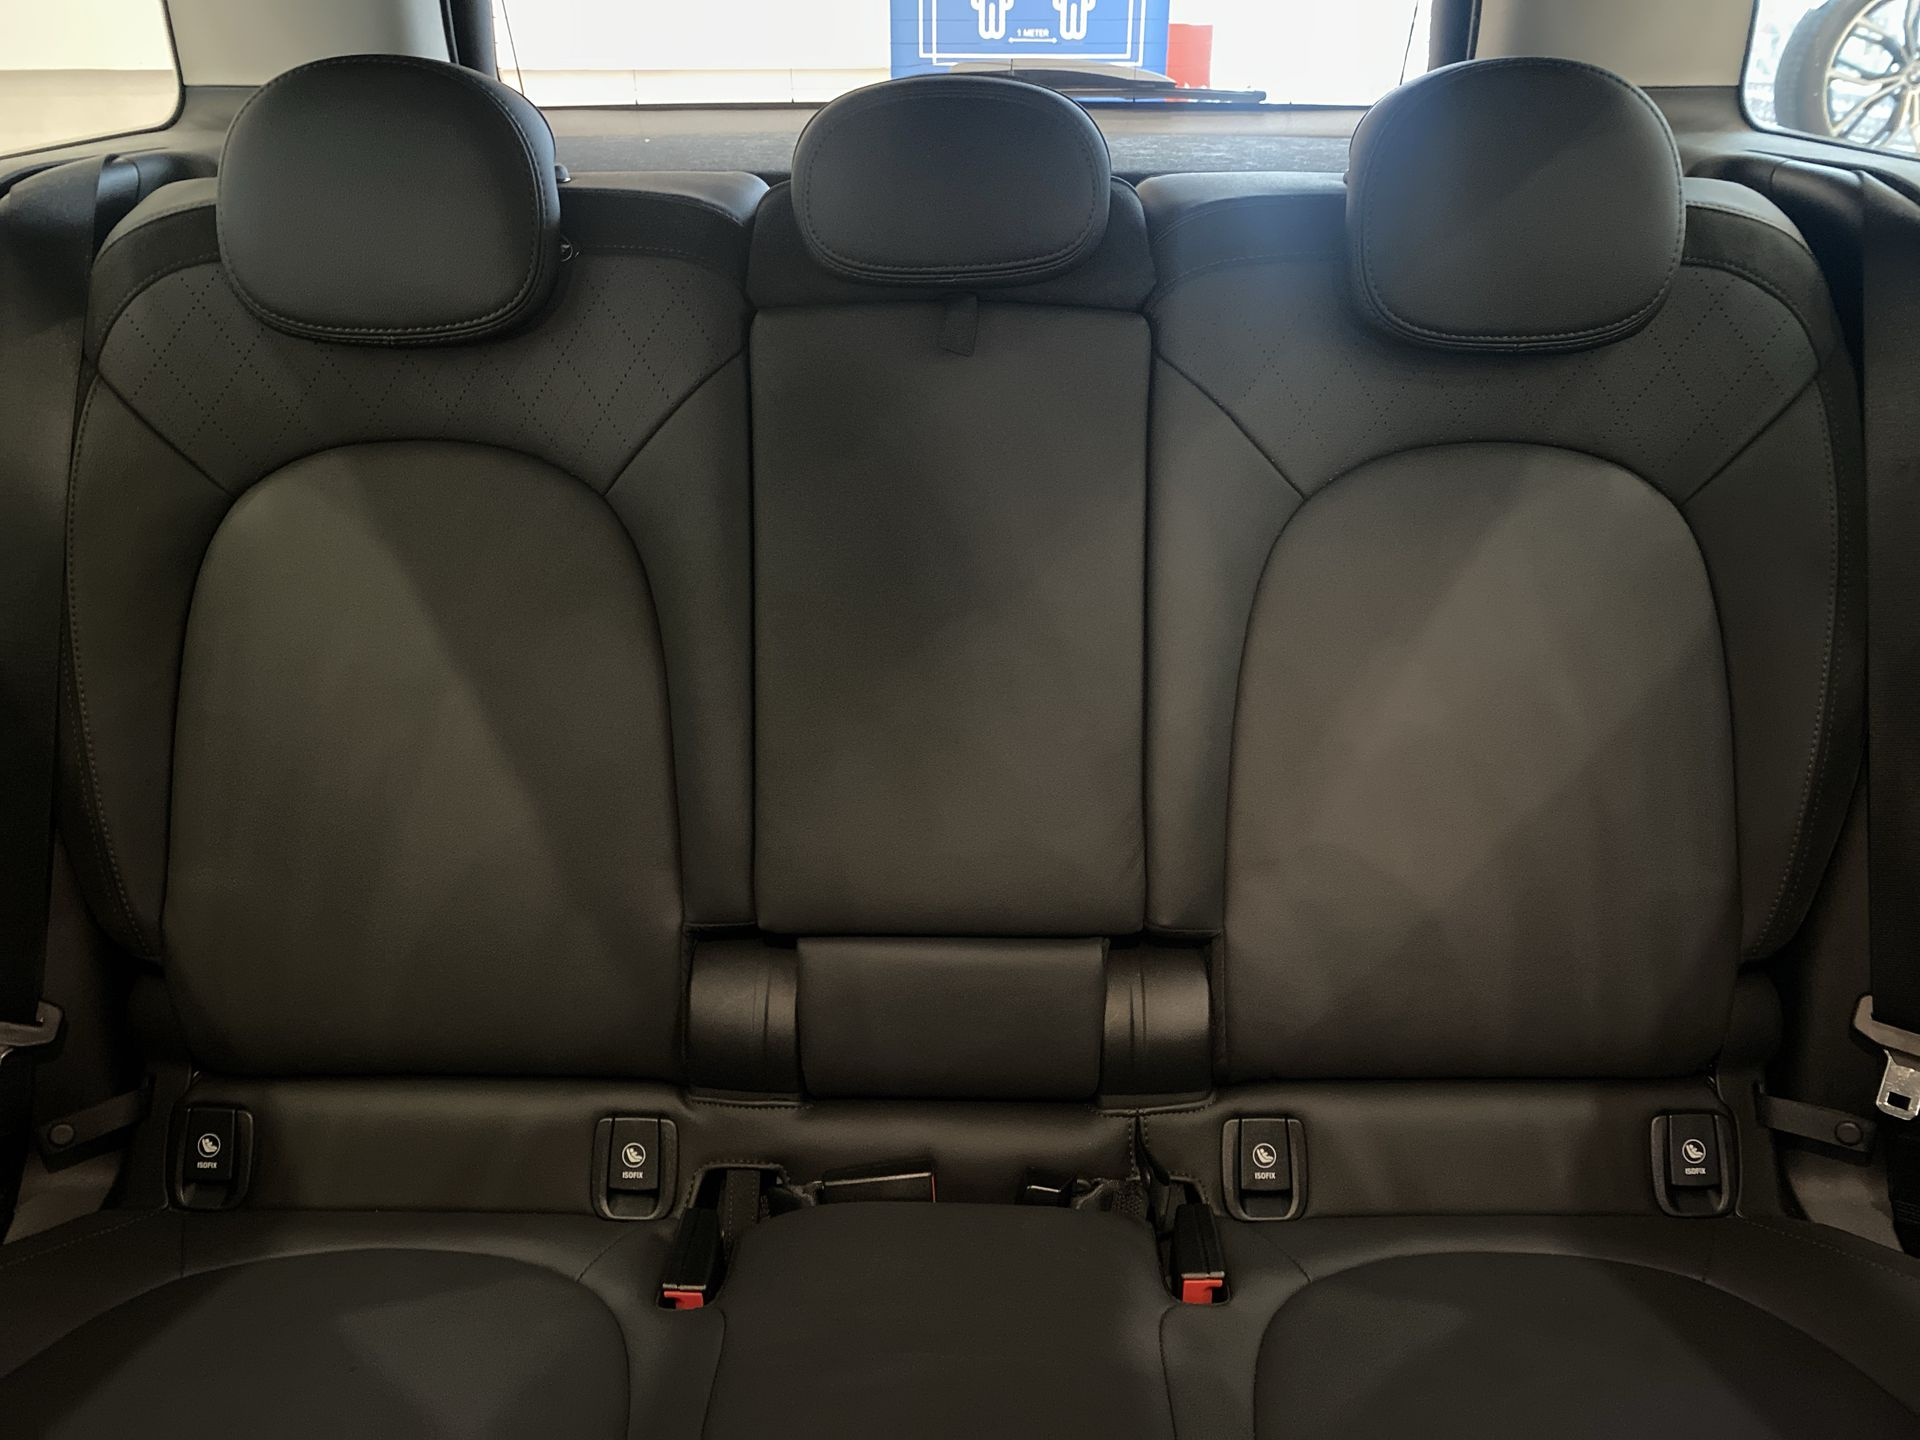 2020 MINI Cooper S Countryman